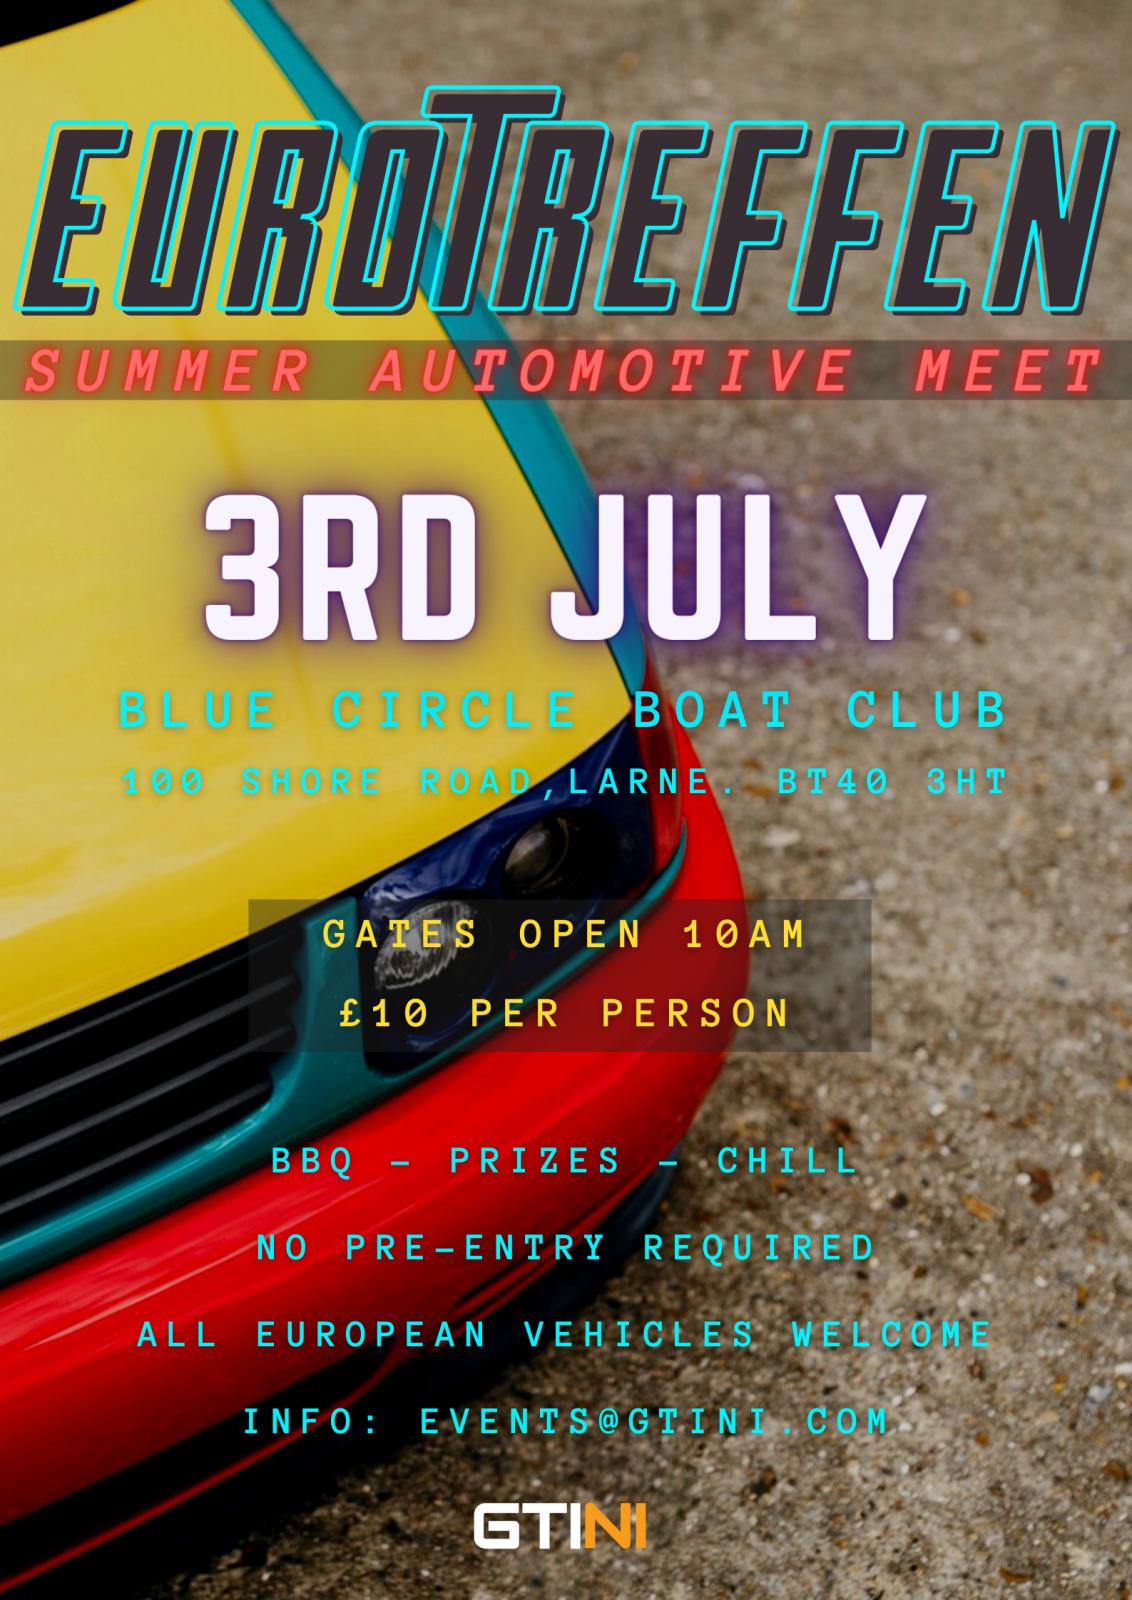 EuroTreffen full size flyer - Harlequin.png